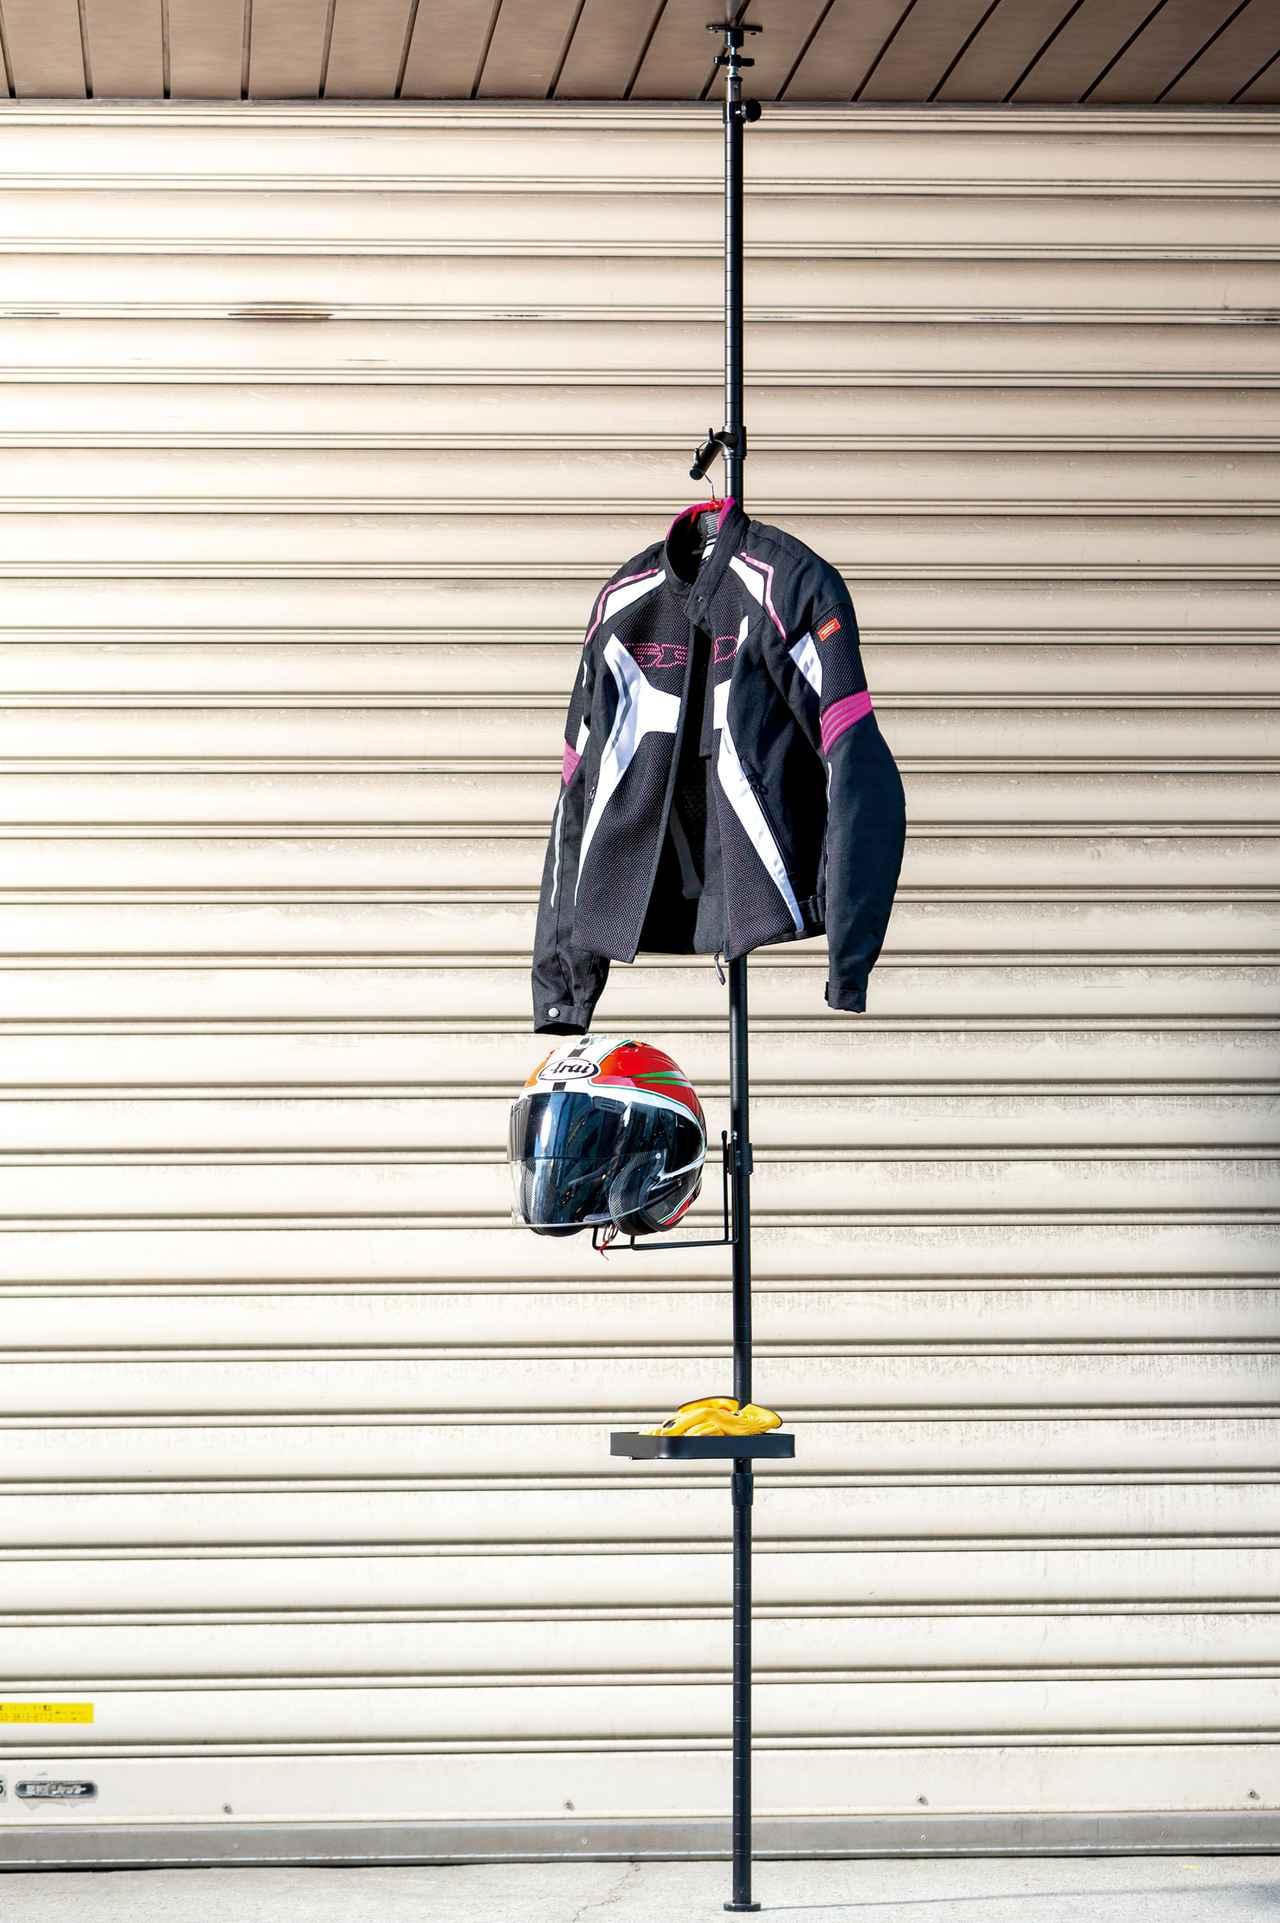 Images : 2番目の画像 - ドッペルギャンガー「ガレージ ワンポールラック」 - webオートバイ